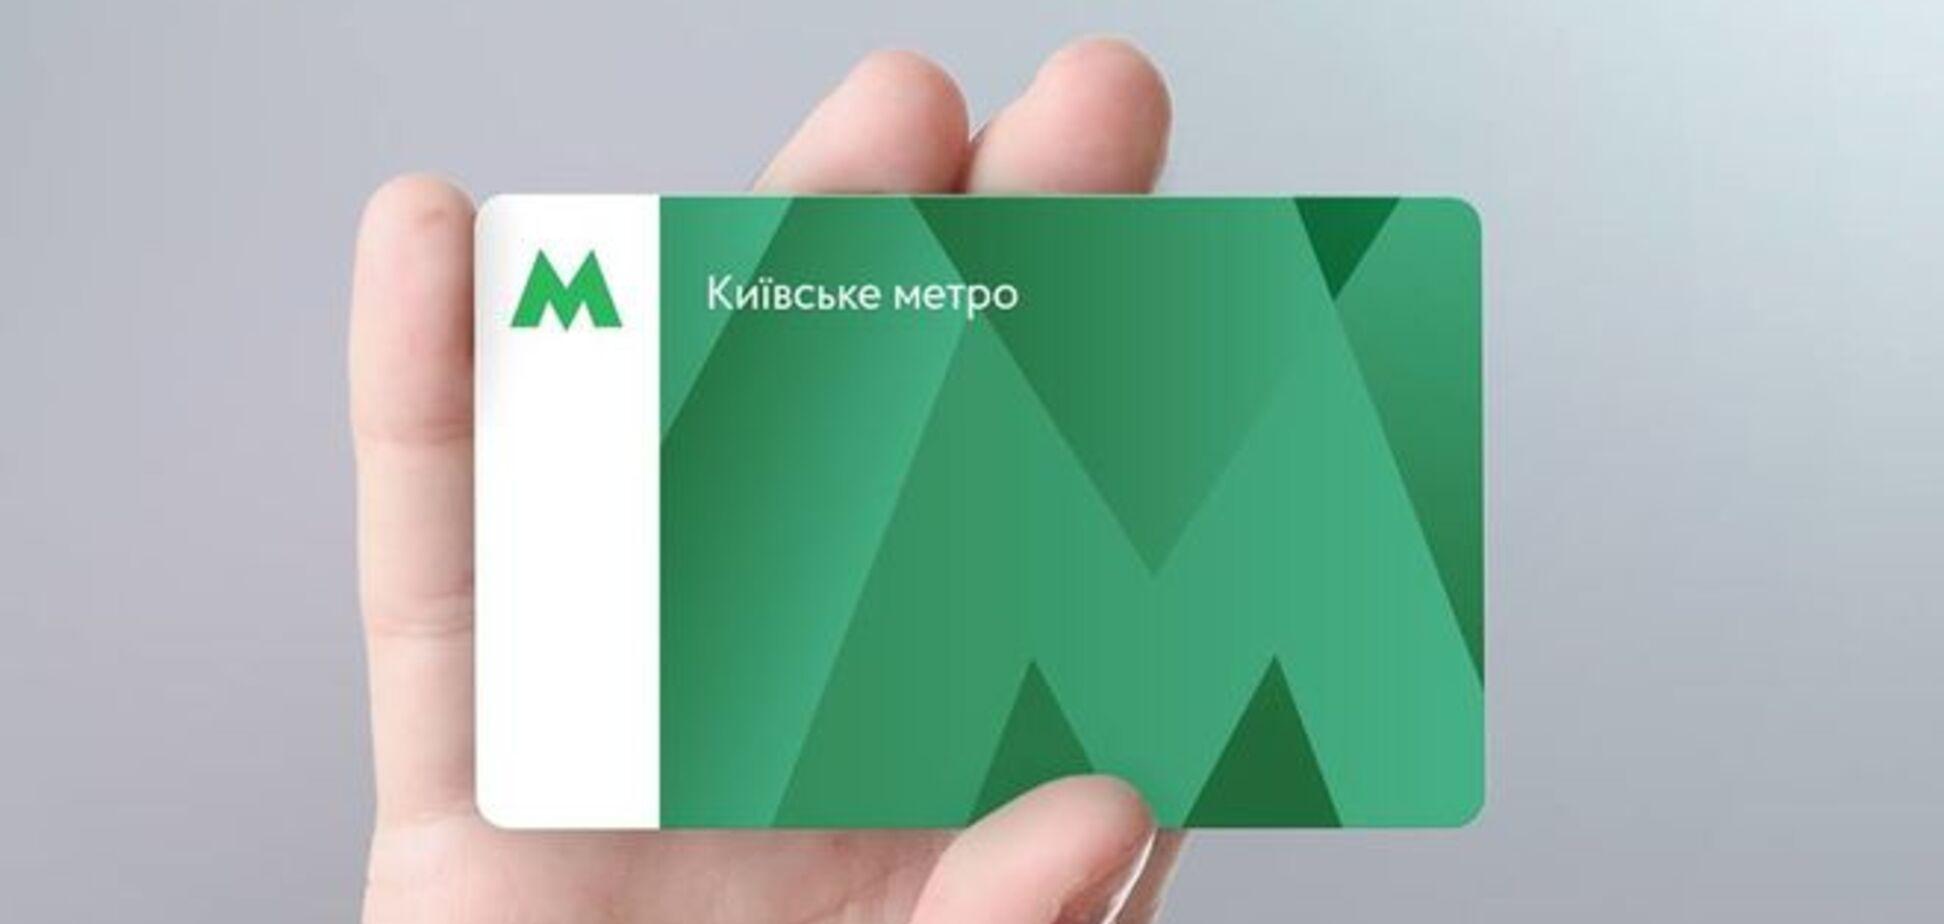 'Продам жетон і картку': у Києві активізувалися скупники проїзних у метро